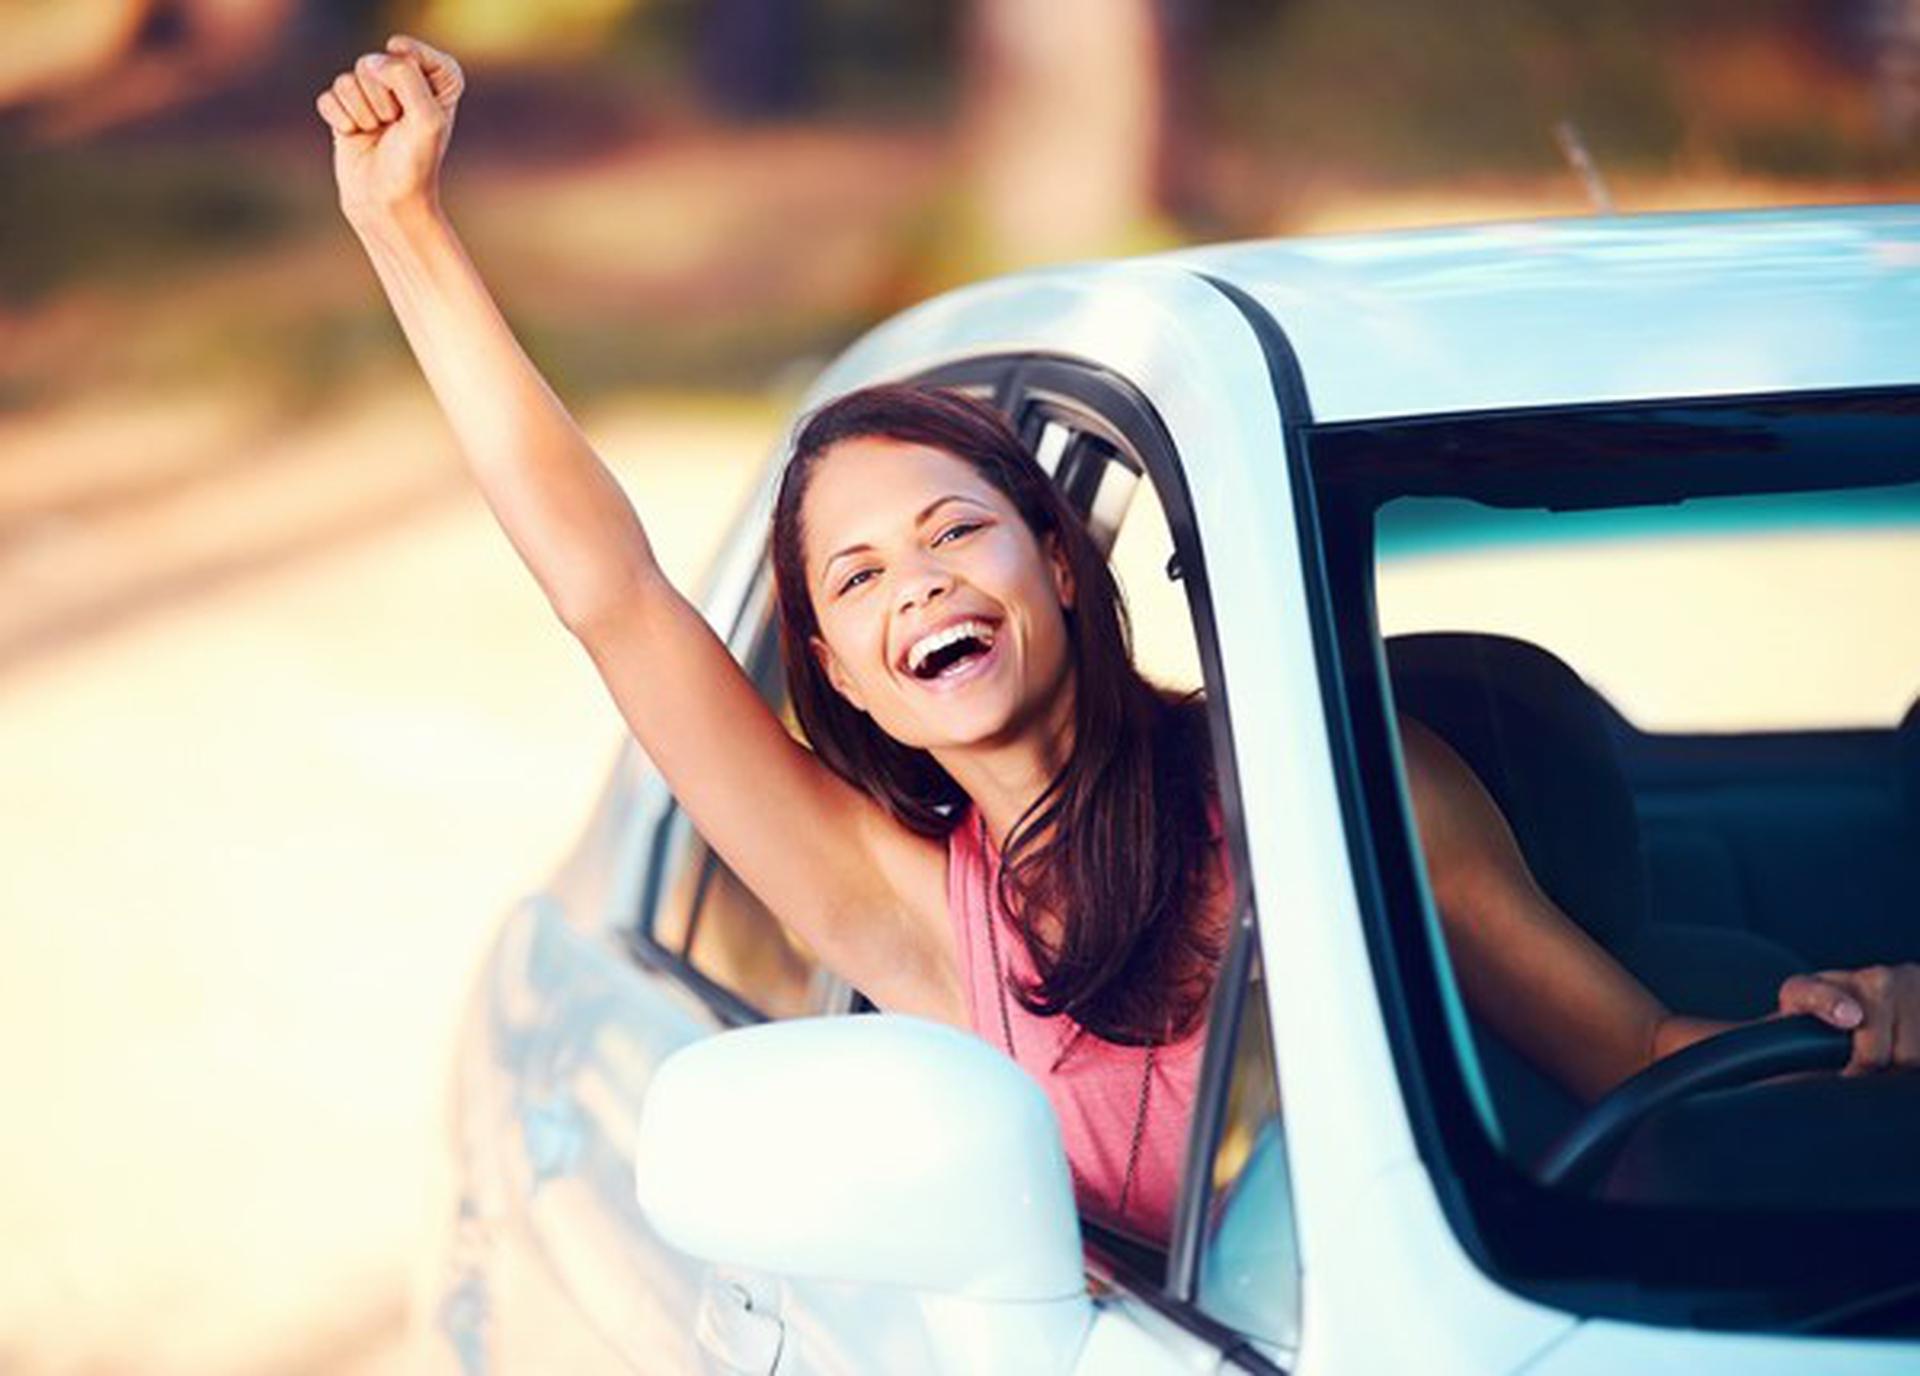 Right Attitude for Preventing Road Rage